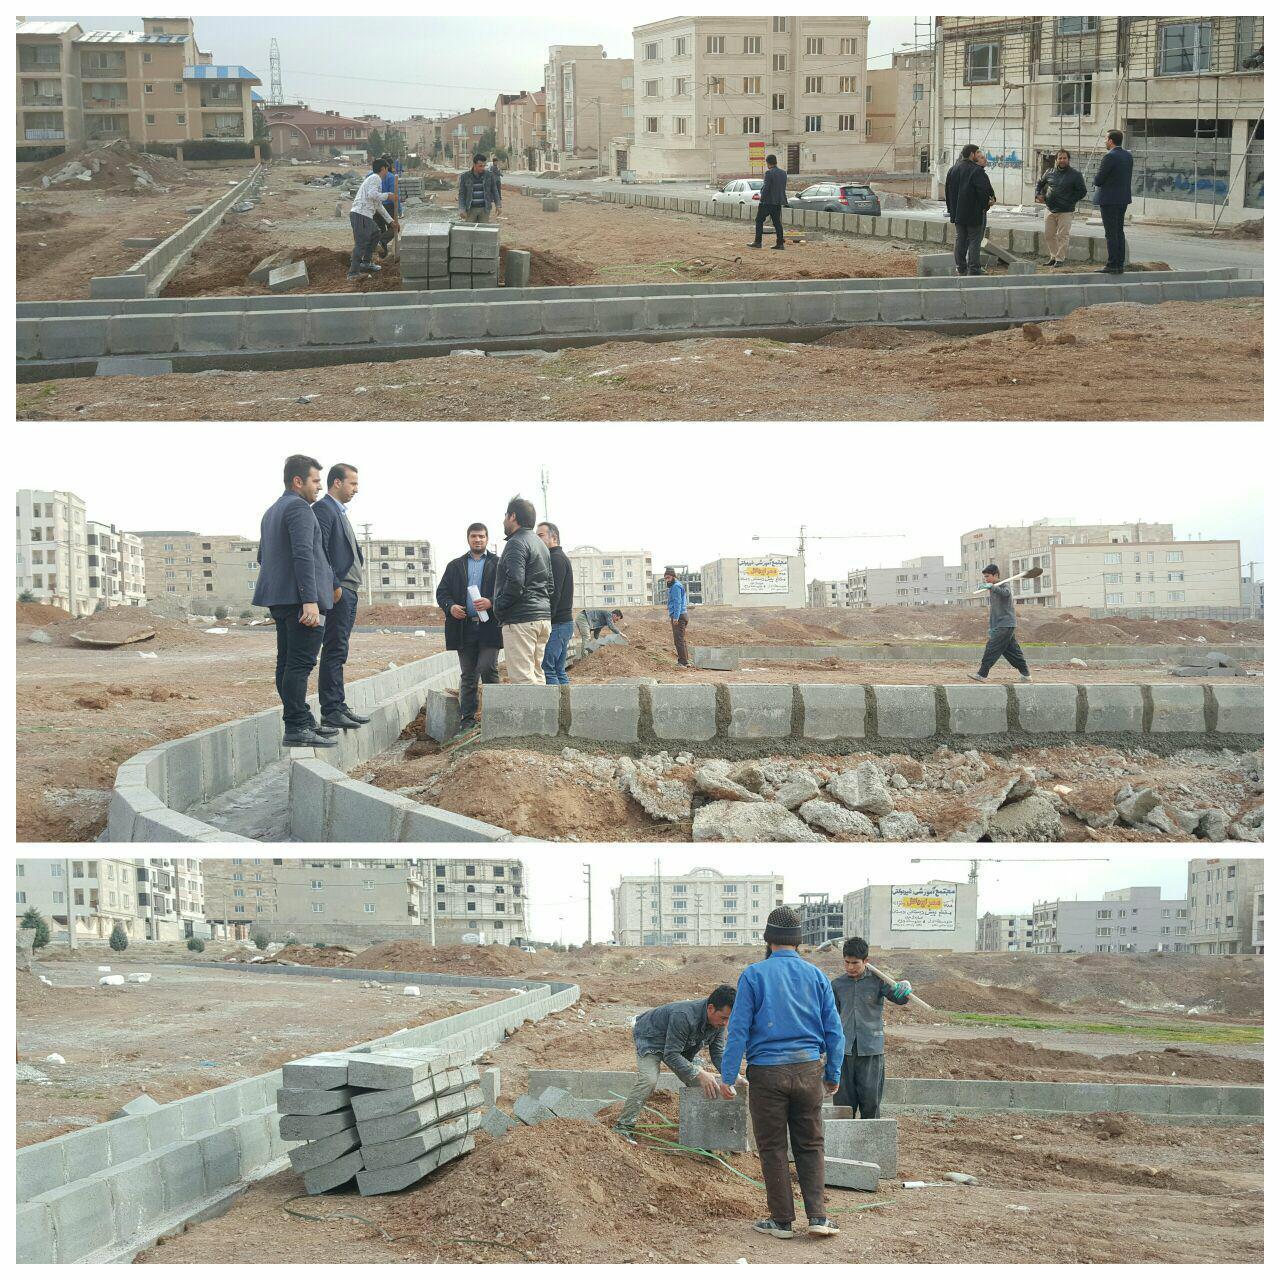 اجرای مرحله محوطه سازی و جدول گذاری پروژه پارک محلی ای فاز صفر شهر پرند